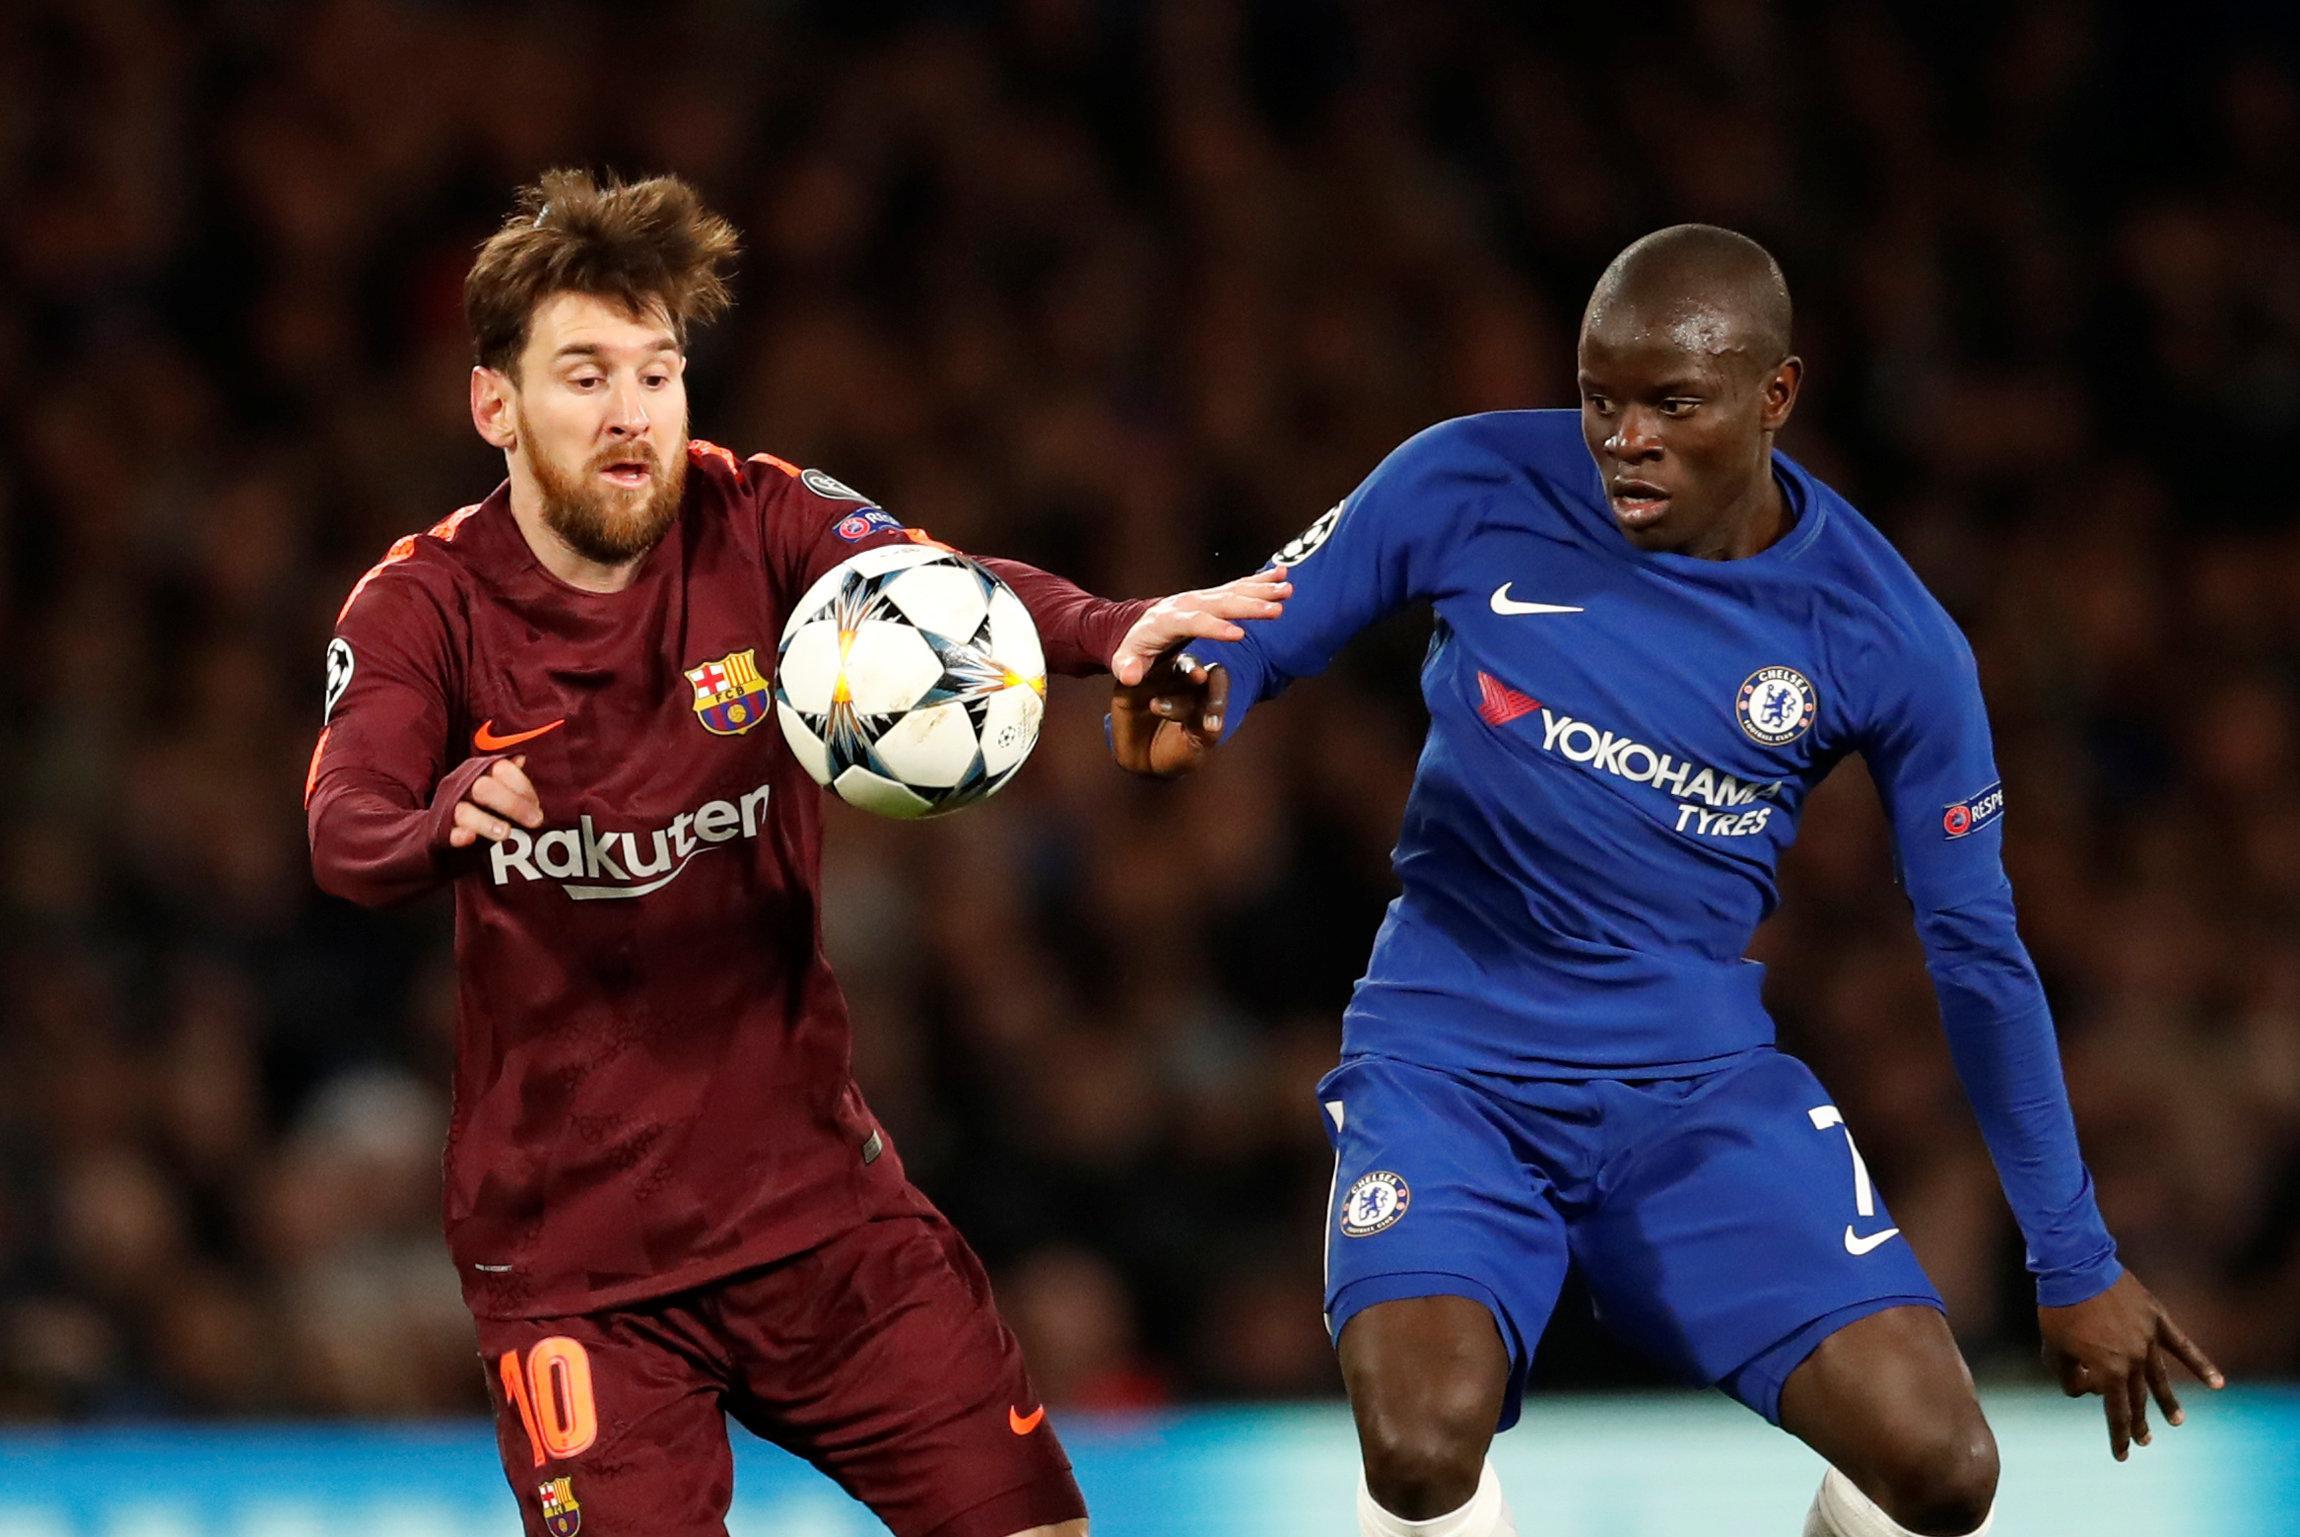 Kante battled brilliantly against Messi